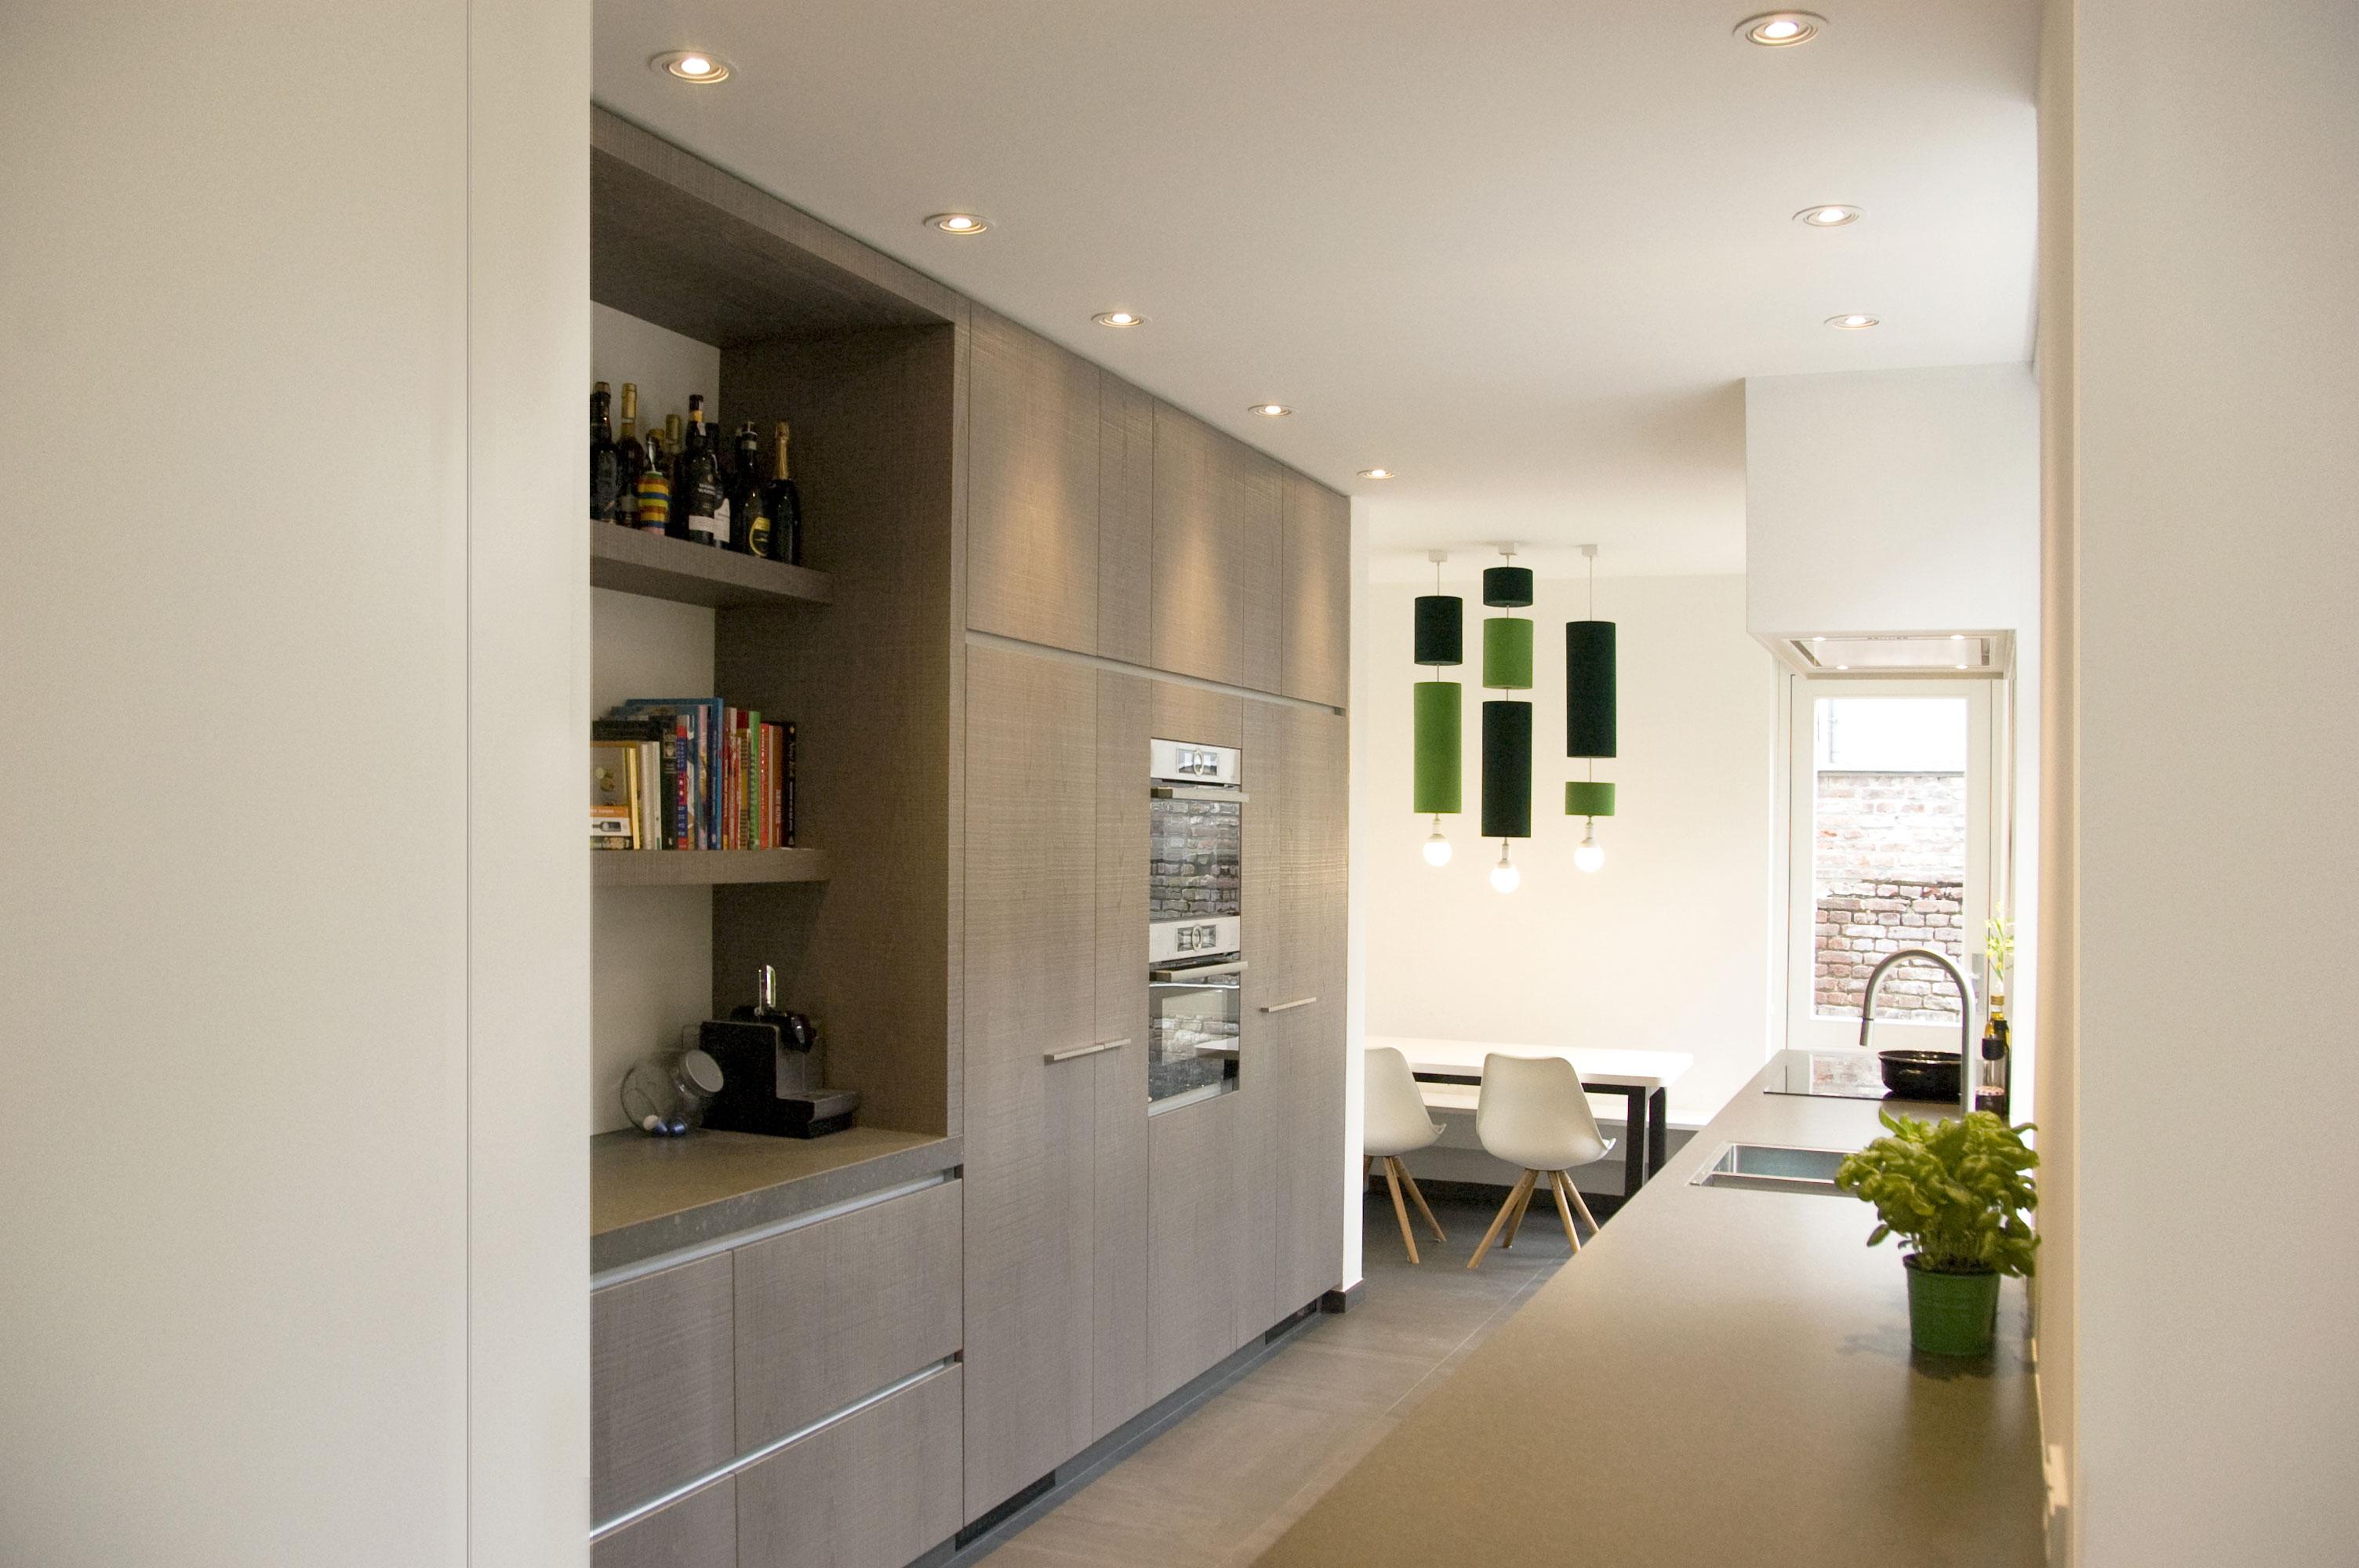 Keuken Design Maastricht : Maatwerkkeuken maastricht buro kei